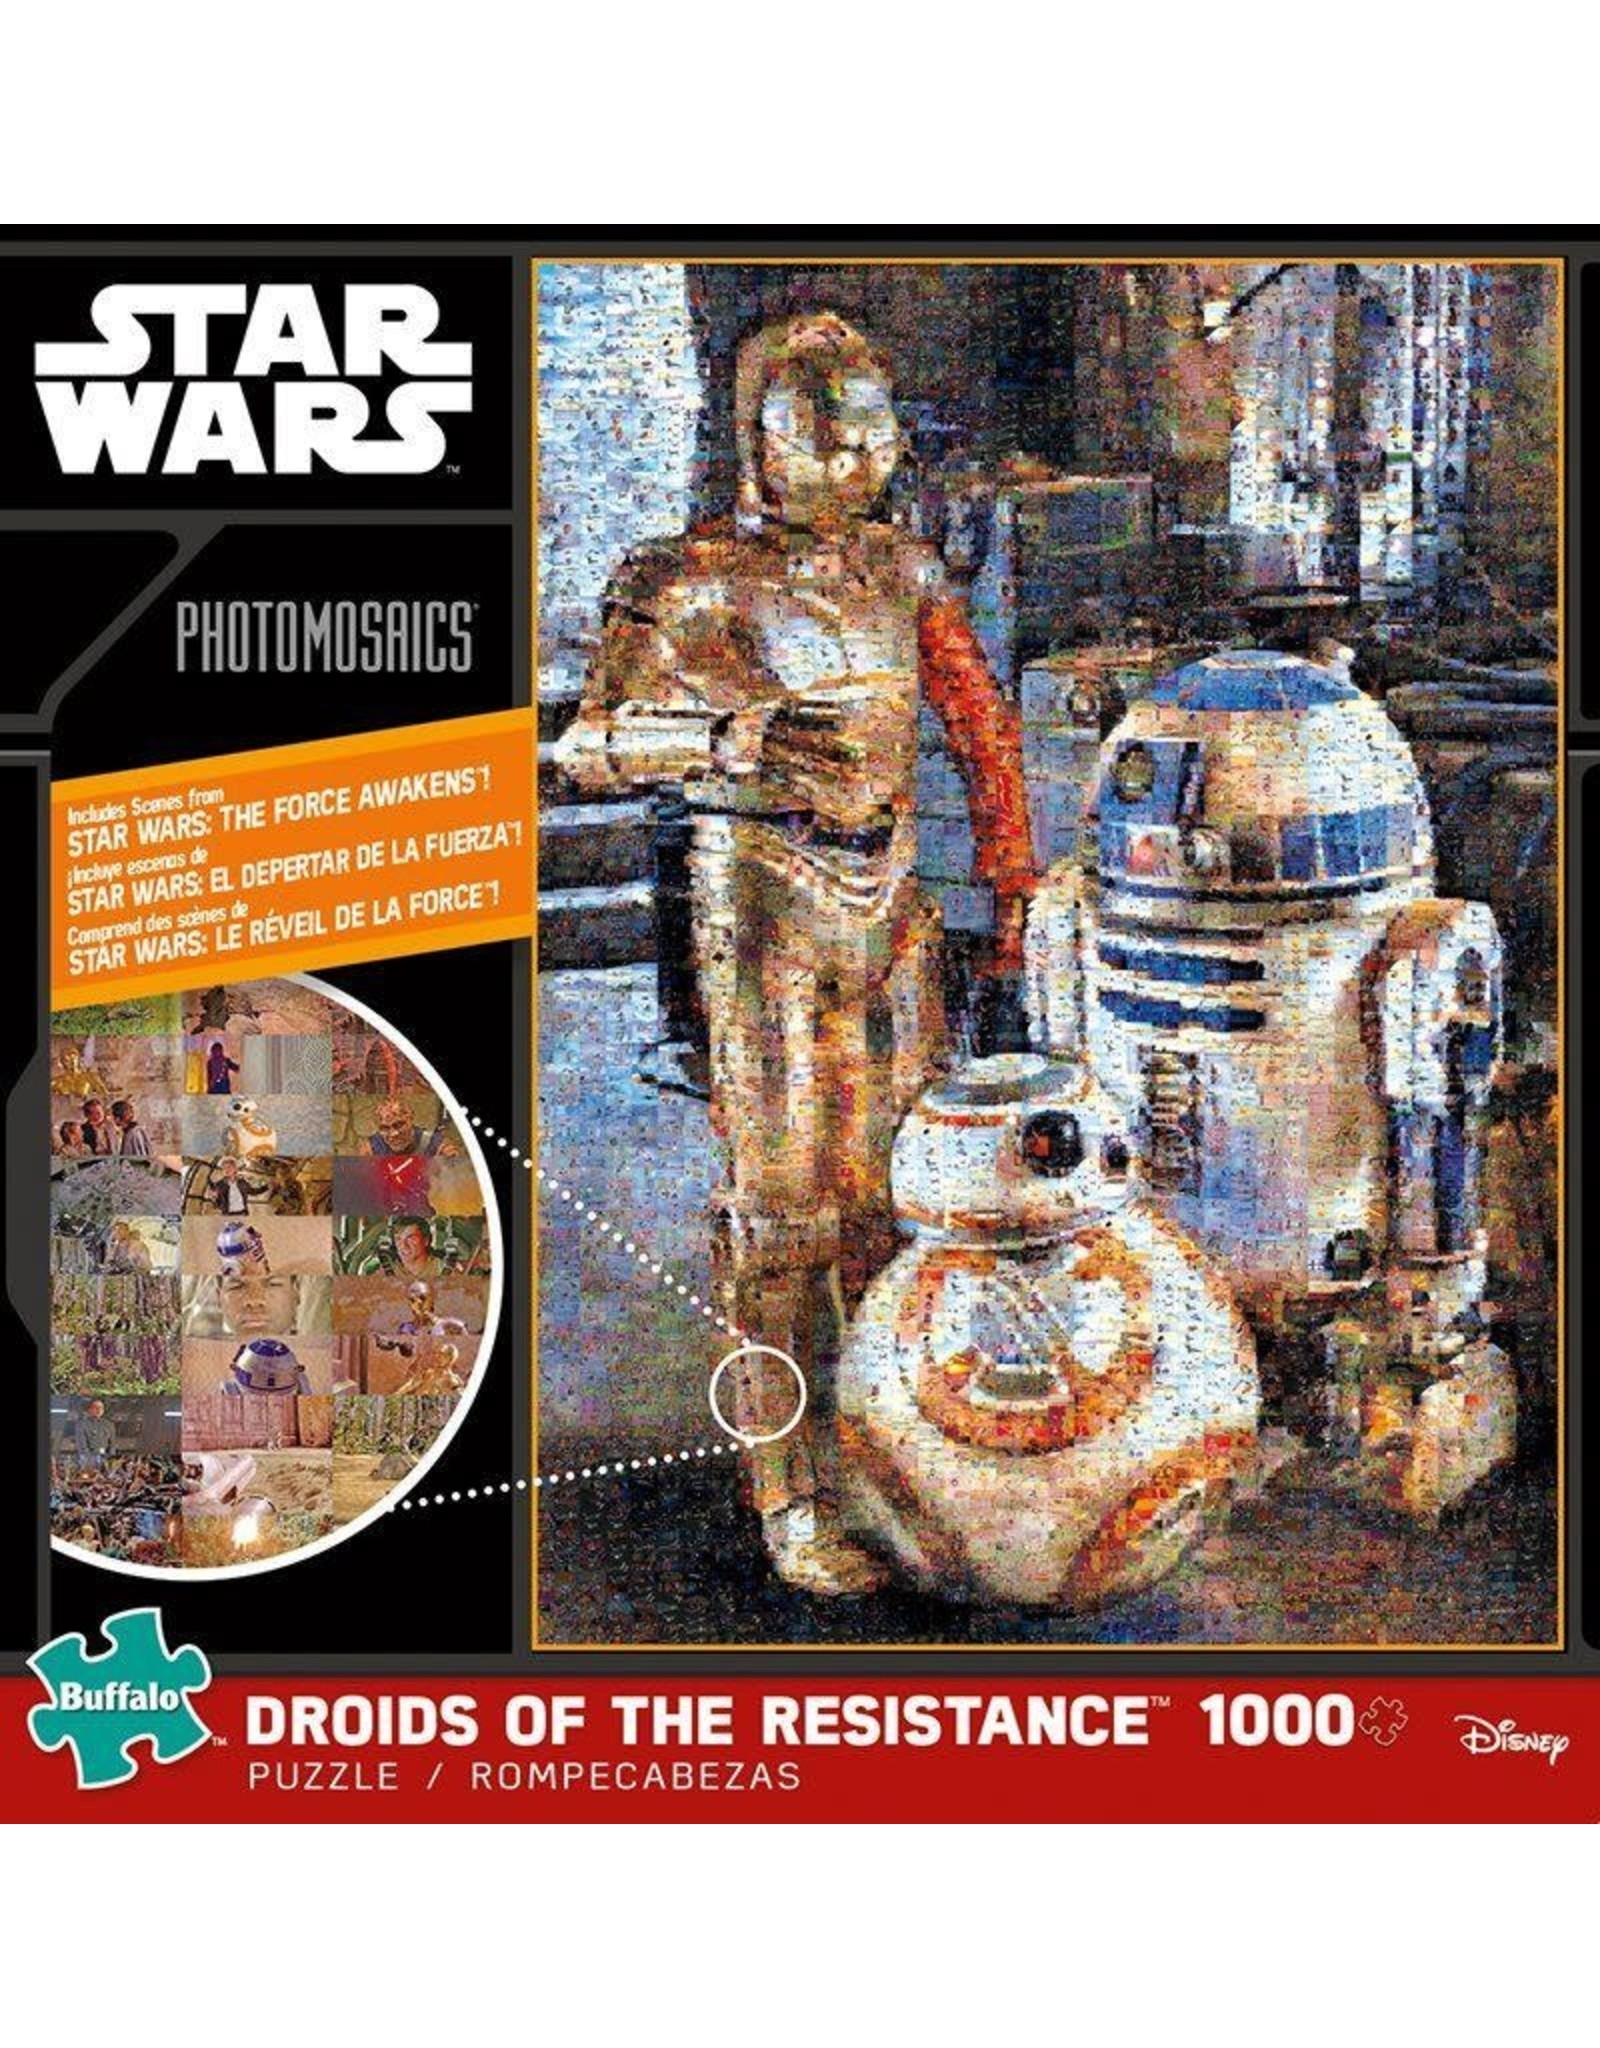 1000PC PUZZLE - DROIDS OF THE RESISTANCE